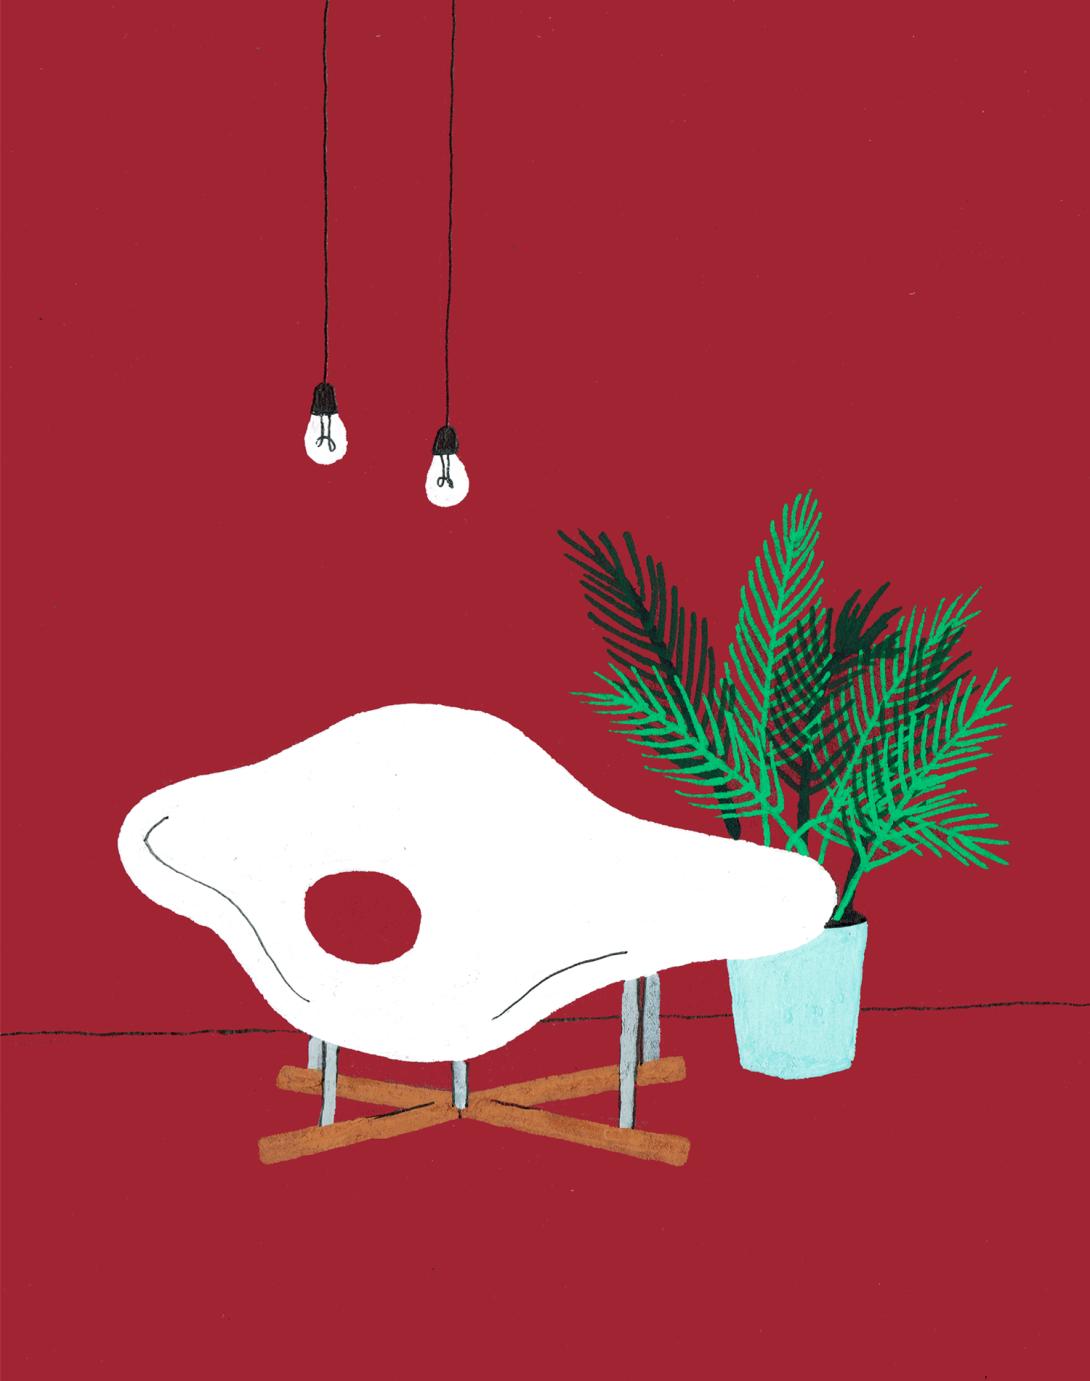 interior design illustrato di Lianne Nixon   Collater.al 18